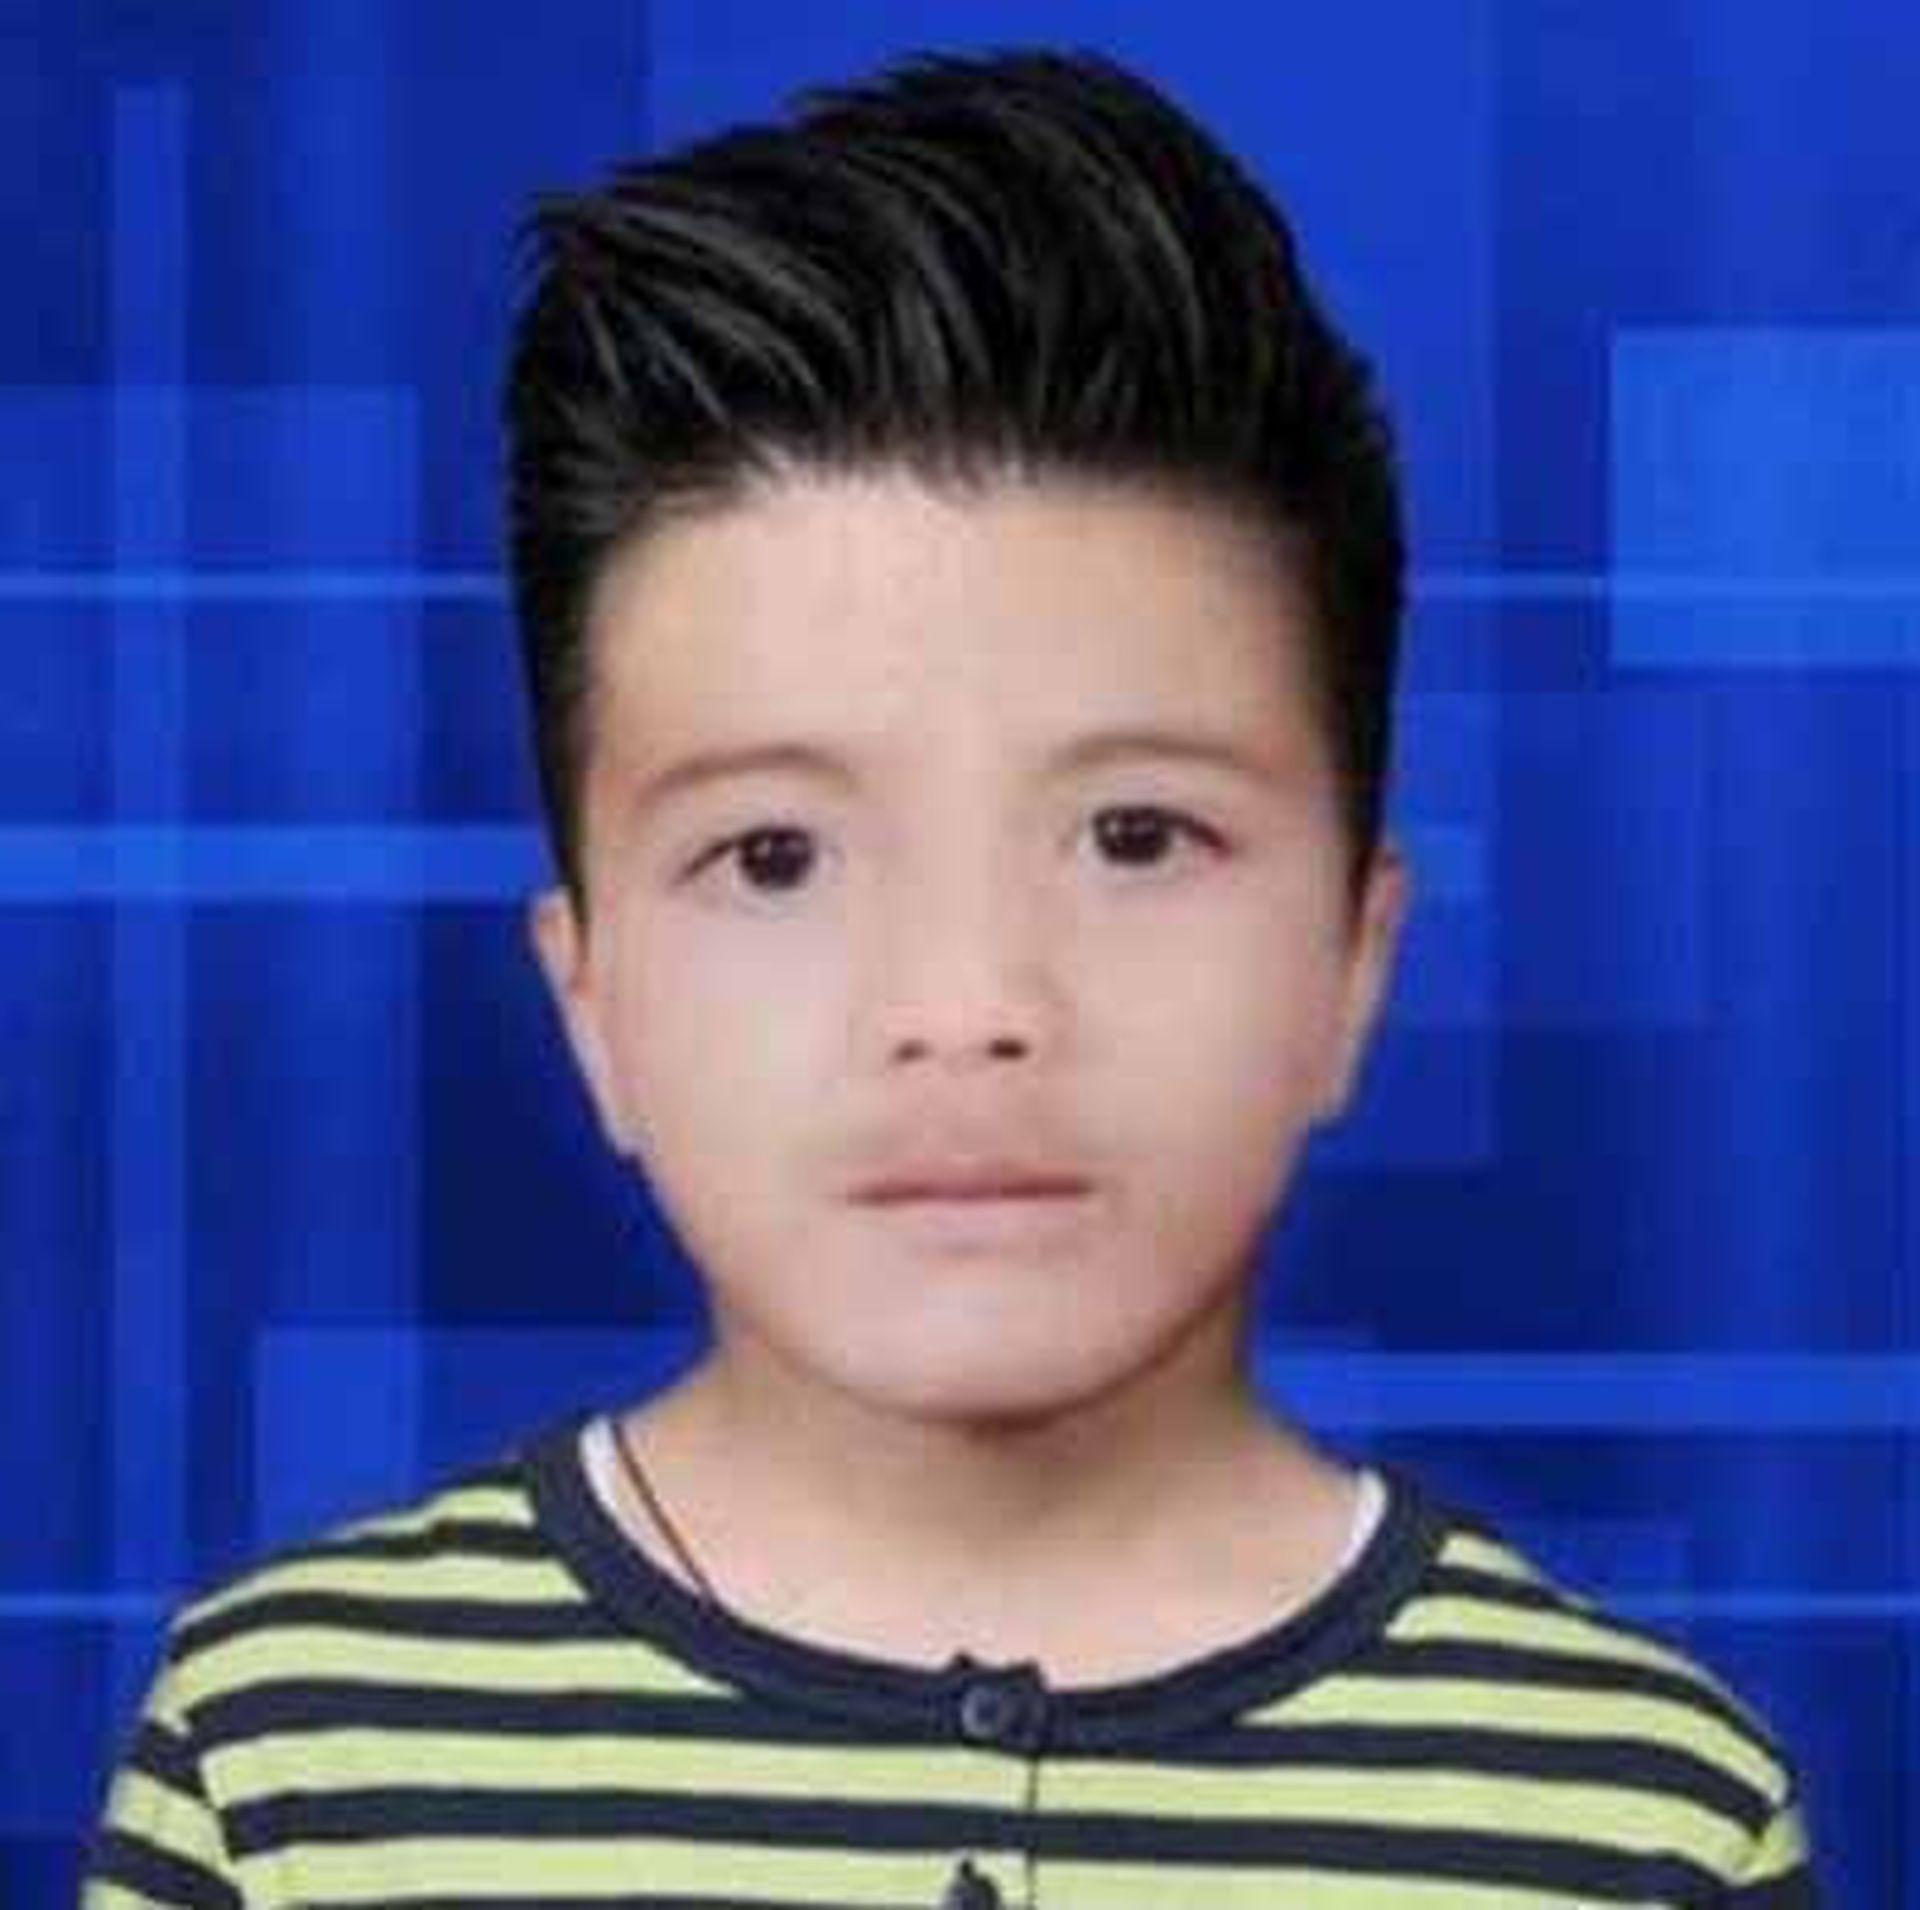 Maximiliano Sosa, Santa fe: no hay noticias de él desde el 21 de diciembre de 2015. Ahora tiene cinco años